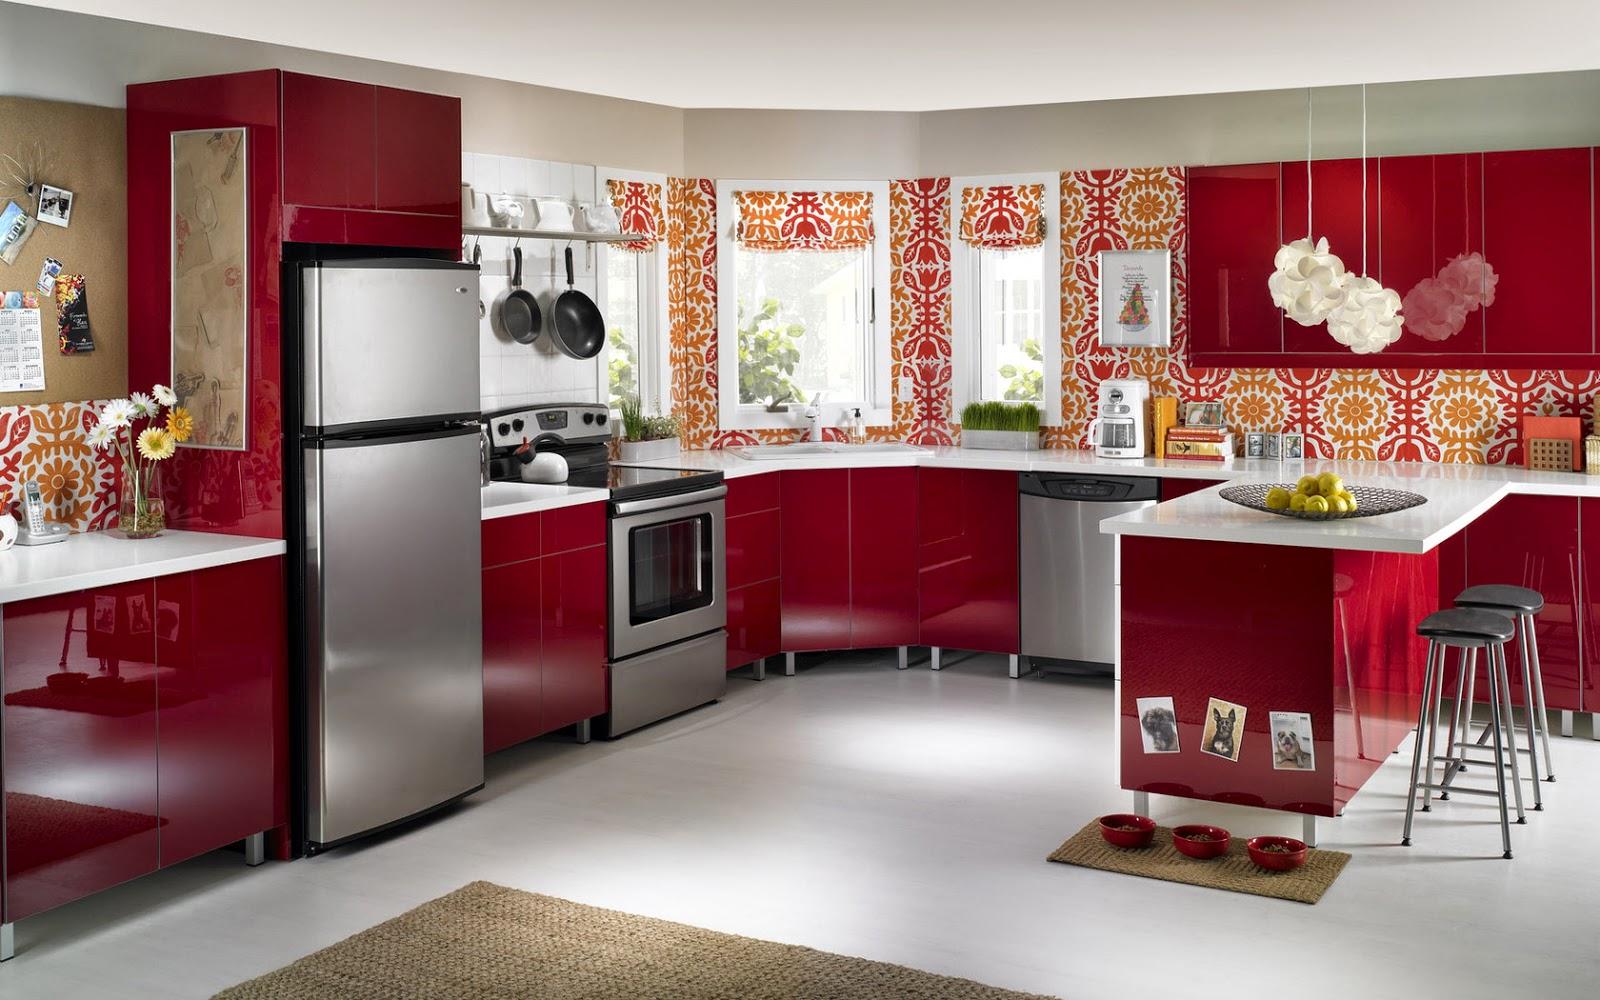 Papier Peint Pour Cuisine papier peint pour cuisine design